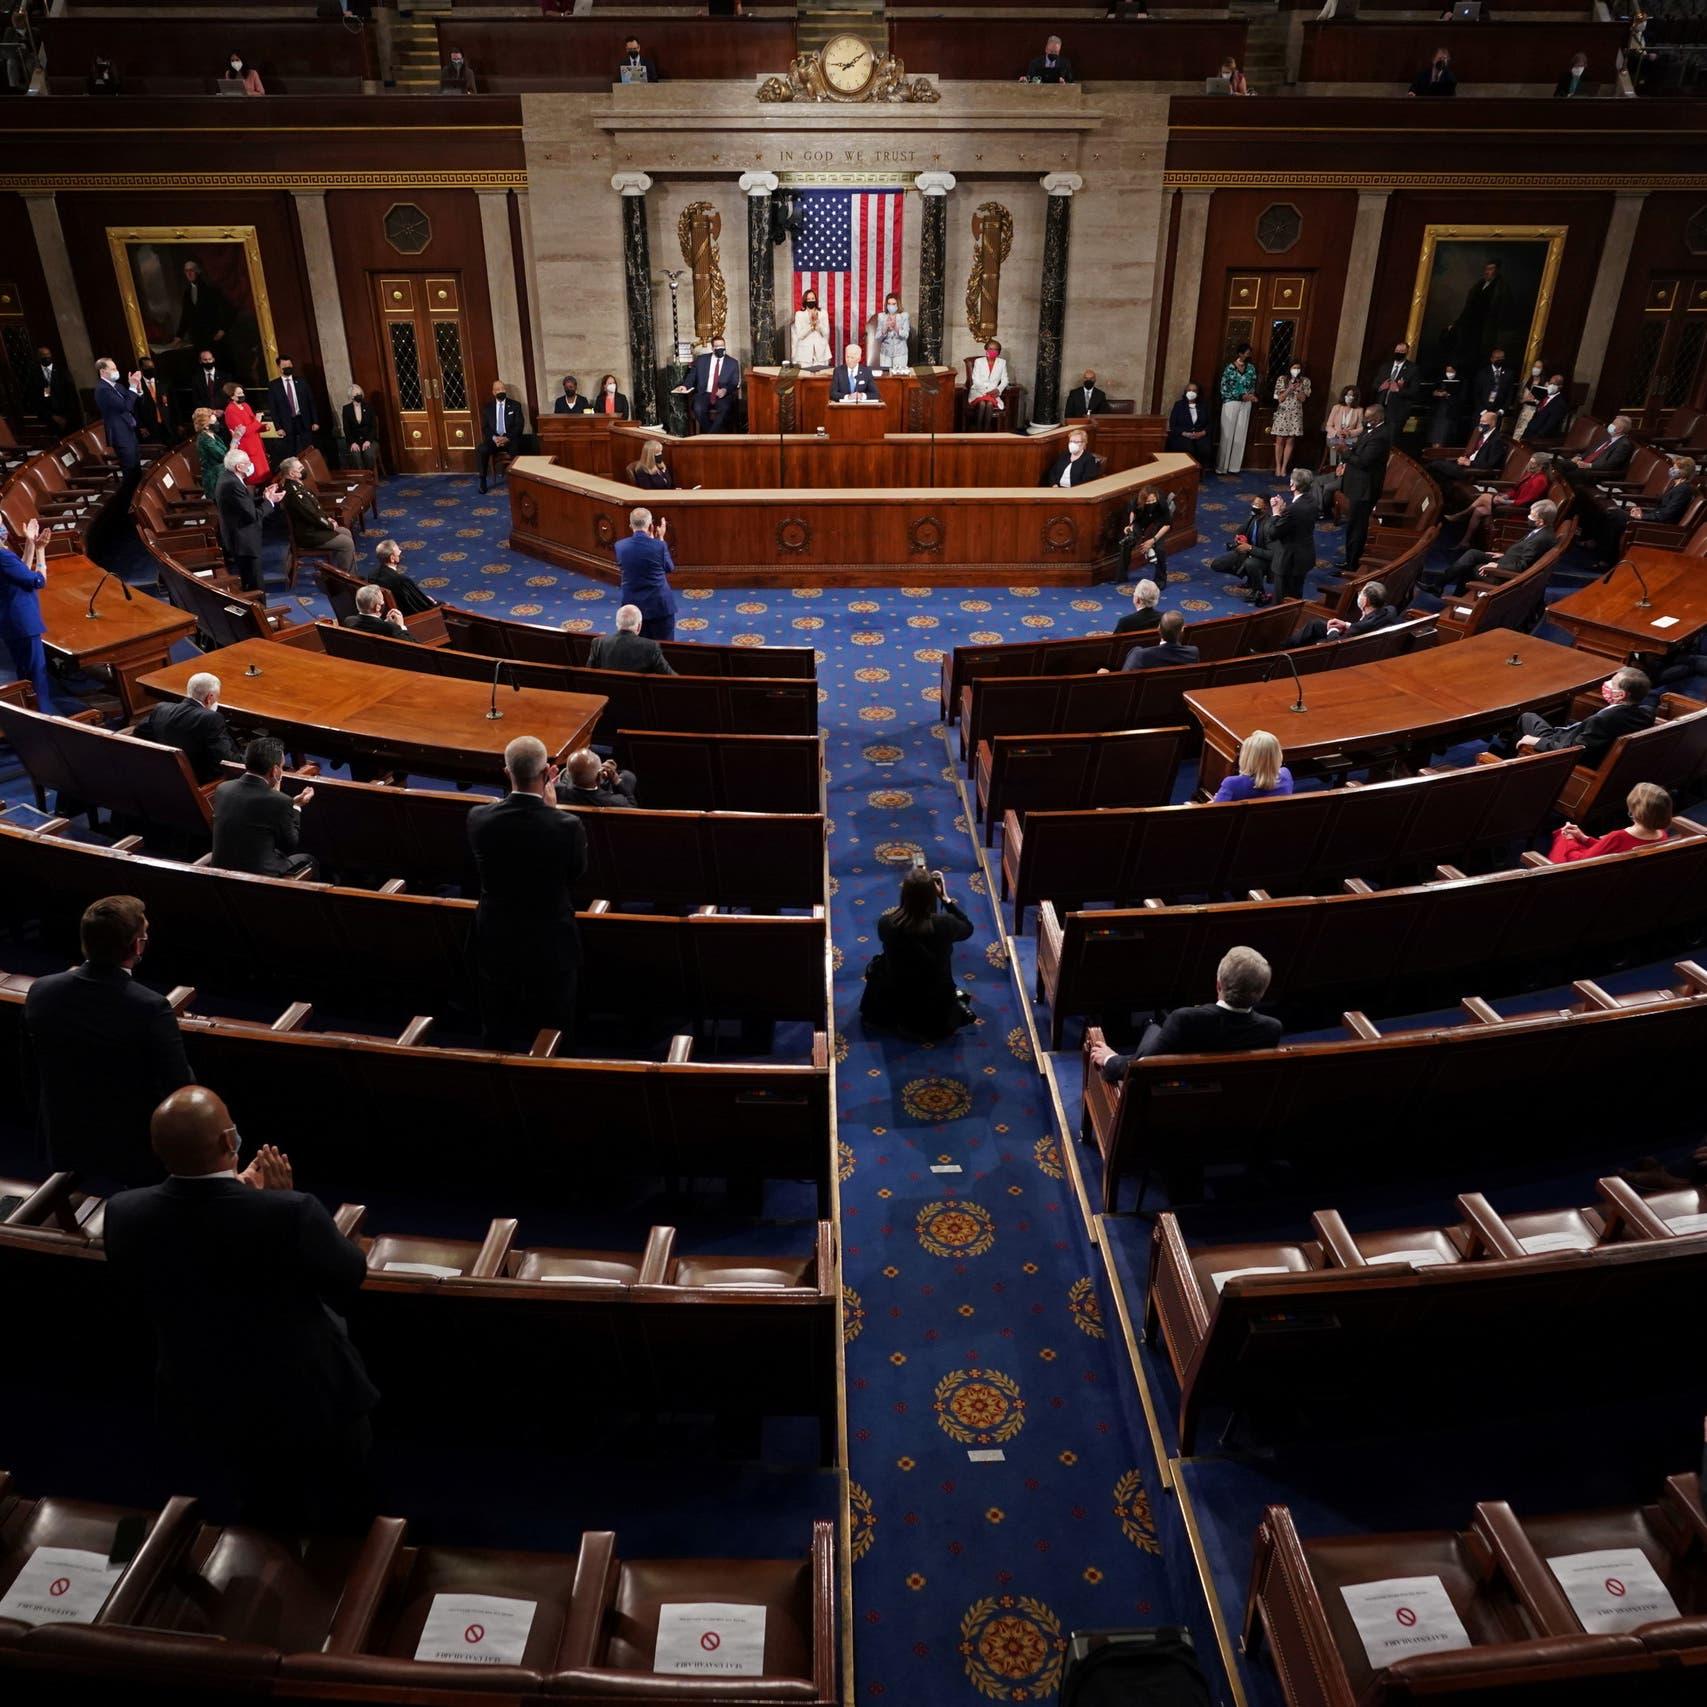 نواب جمهوريون لشركات أميركا: لا تتعاملوا مع إيران